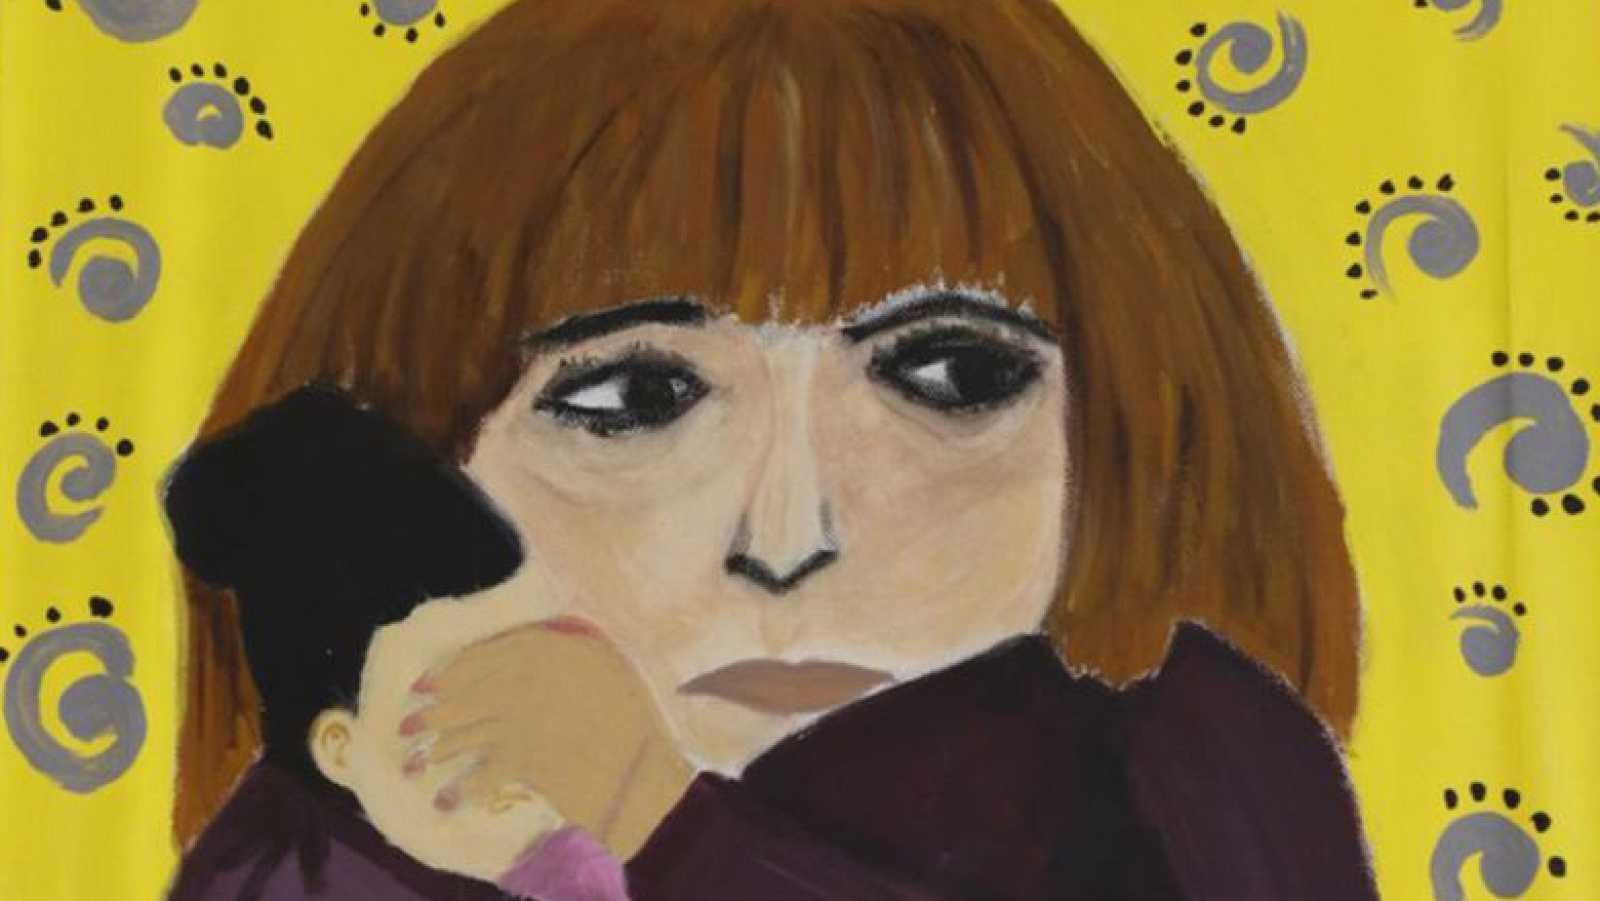 Artesfera - Exposición 'Little hopes', arteterapia para mejorar la vida de los niños refugiados - 02/12/15 - escuchar ahora